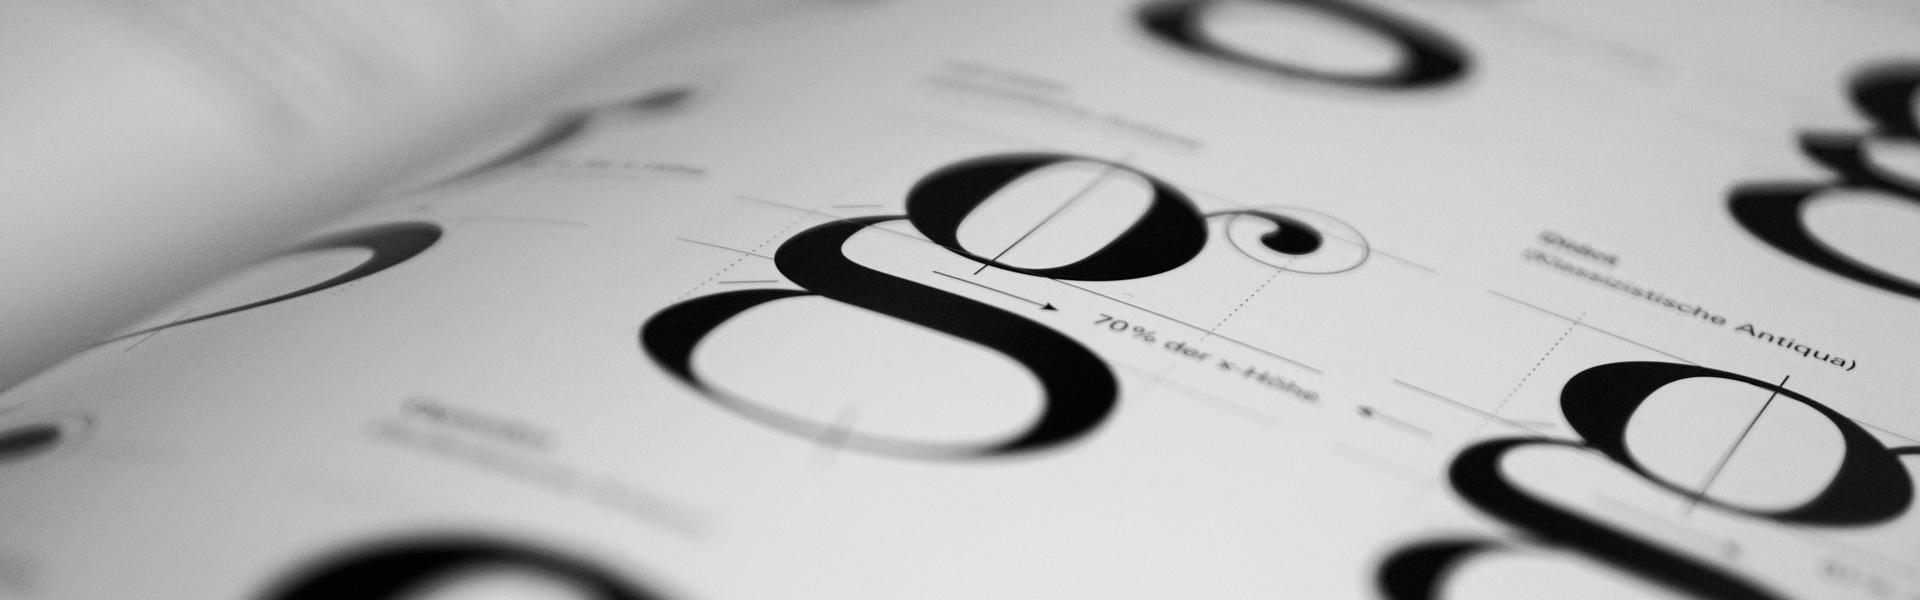 Todo lo que necesitas saber sobre tipografía en las artes gráficas